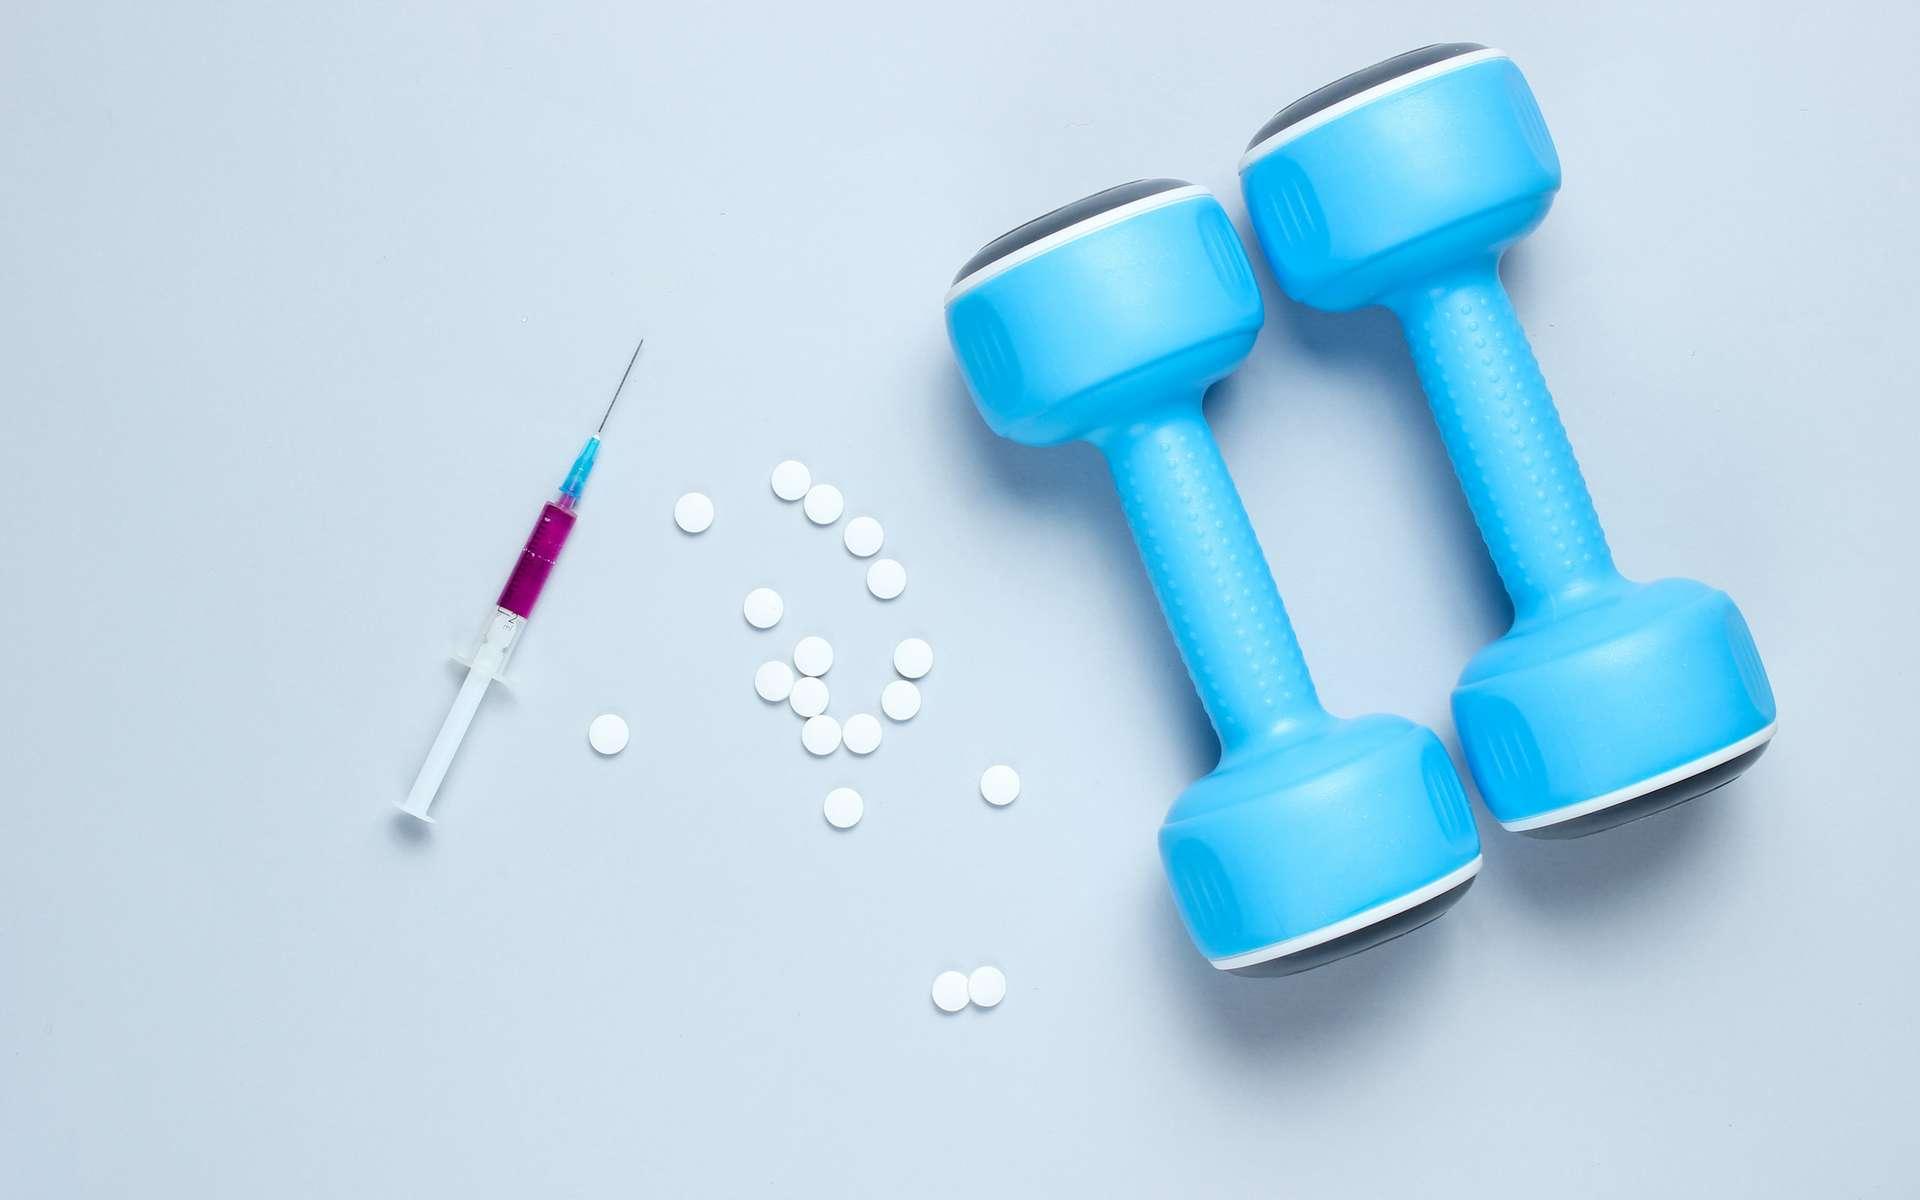 Un analeptique est un produit stimulant du cœur, de la respiration ou de l'humeur. © splitov27, Adobe Stock